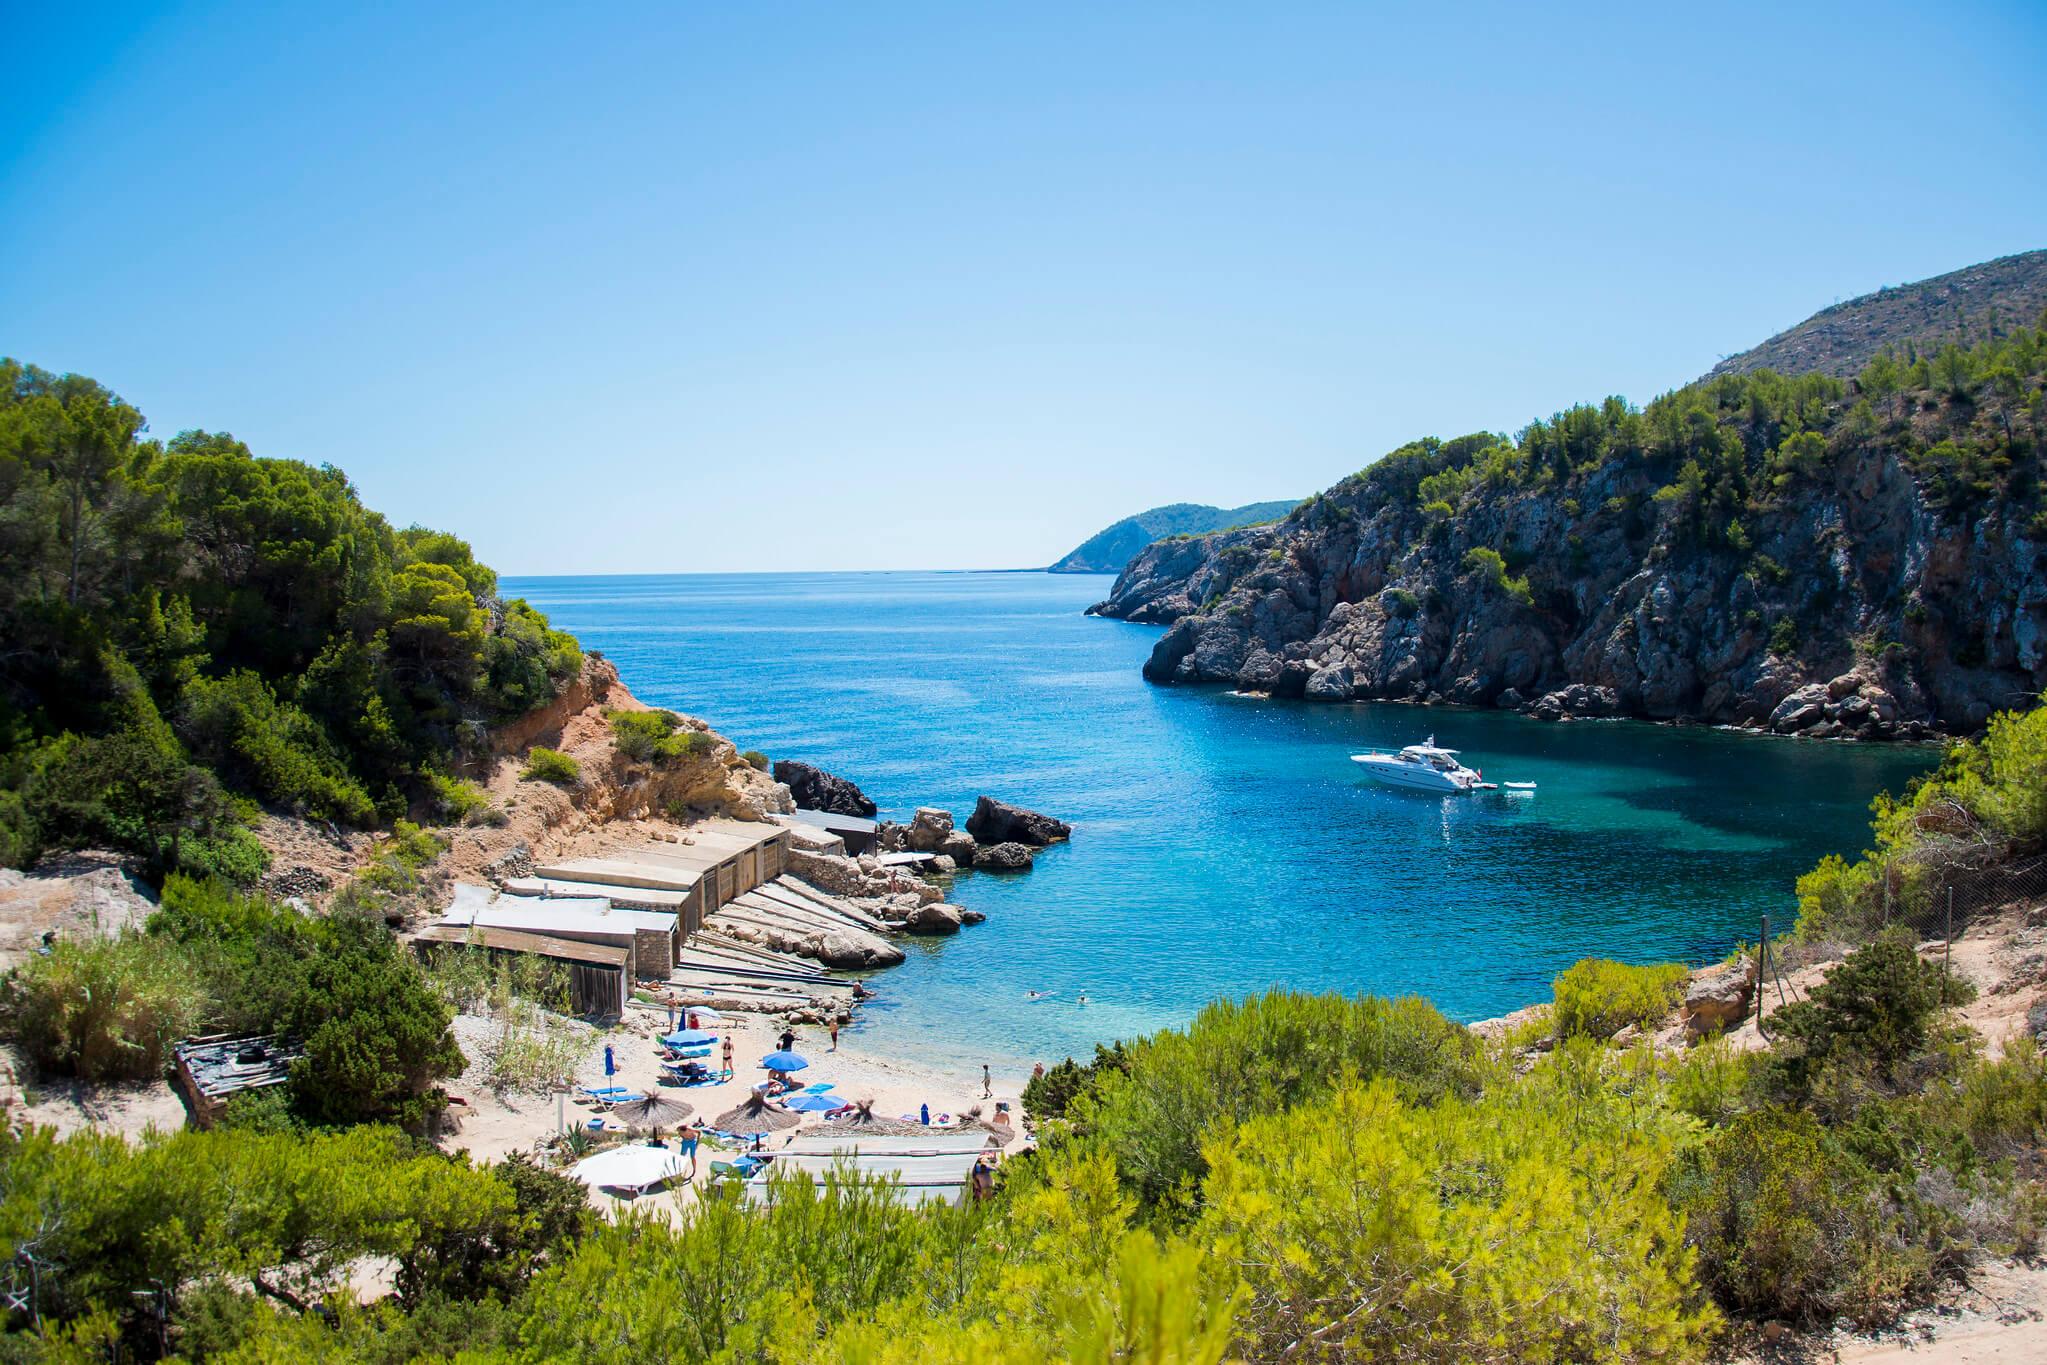 https://www.white-ibiza.com/wp-content/uploads/2020/03/ibiza-beaches-cala-den-serra-03.jpg